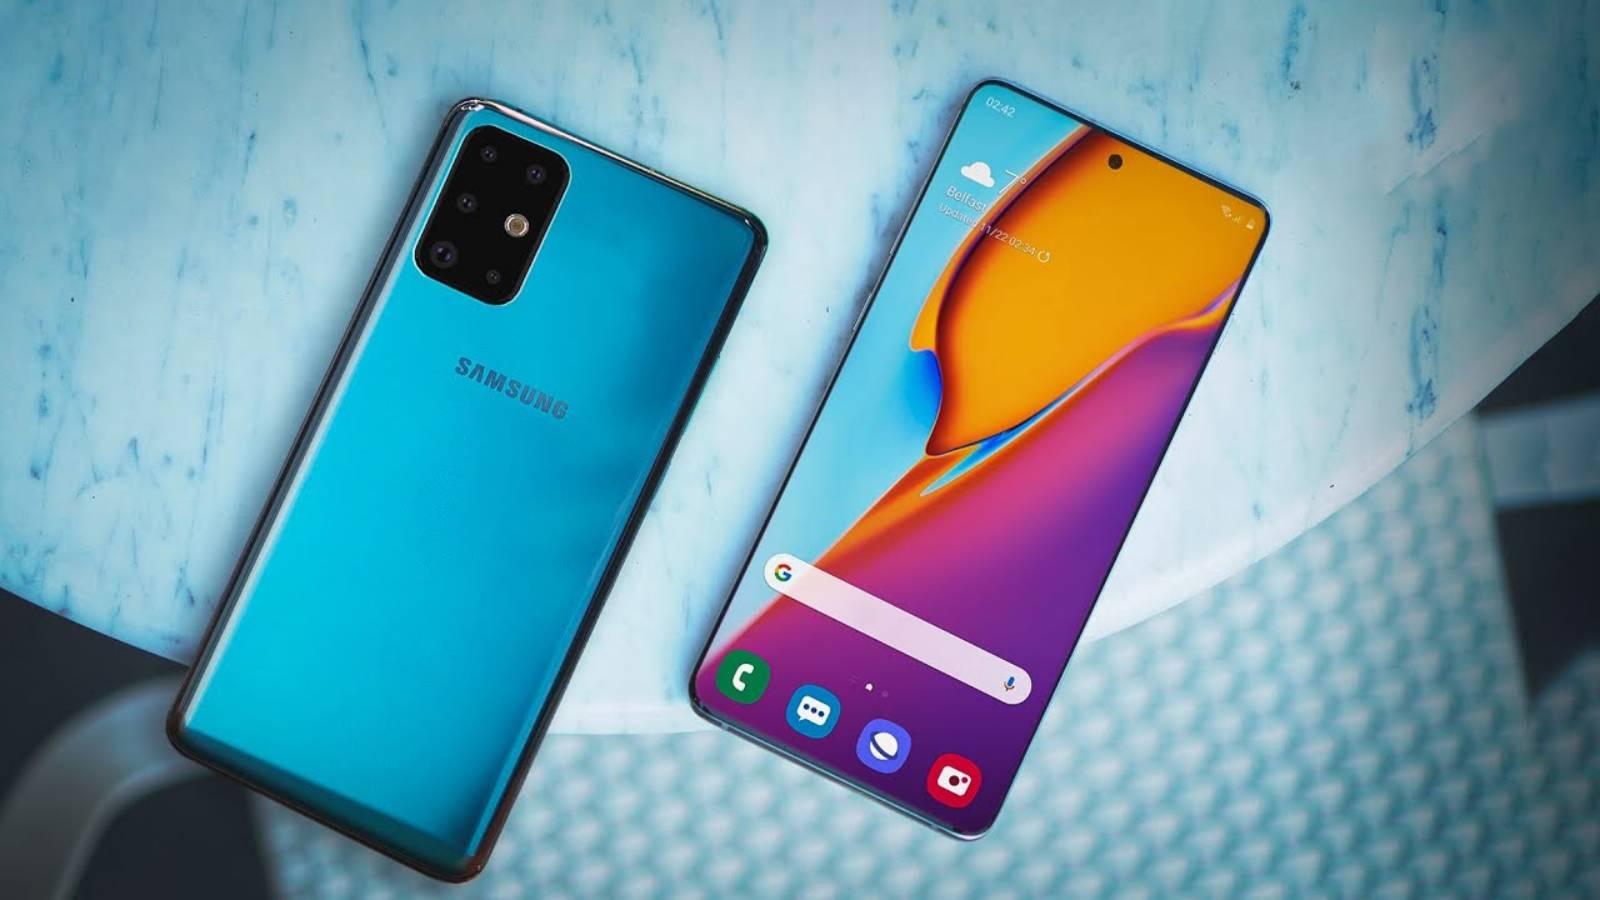 PREMIERA Samsung GALAXY S11 Schimbare EXCLUSIVA